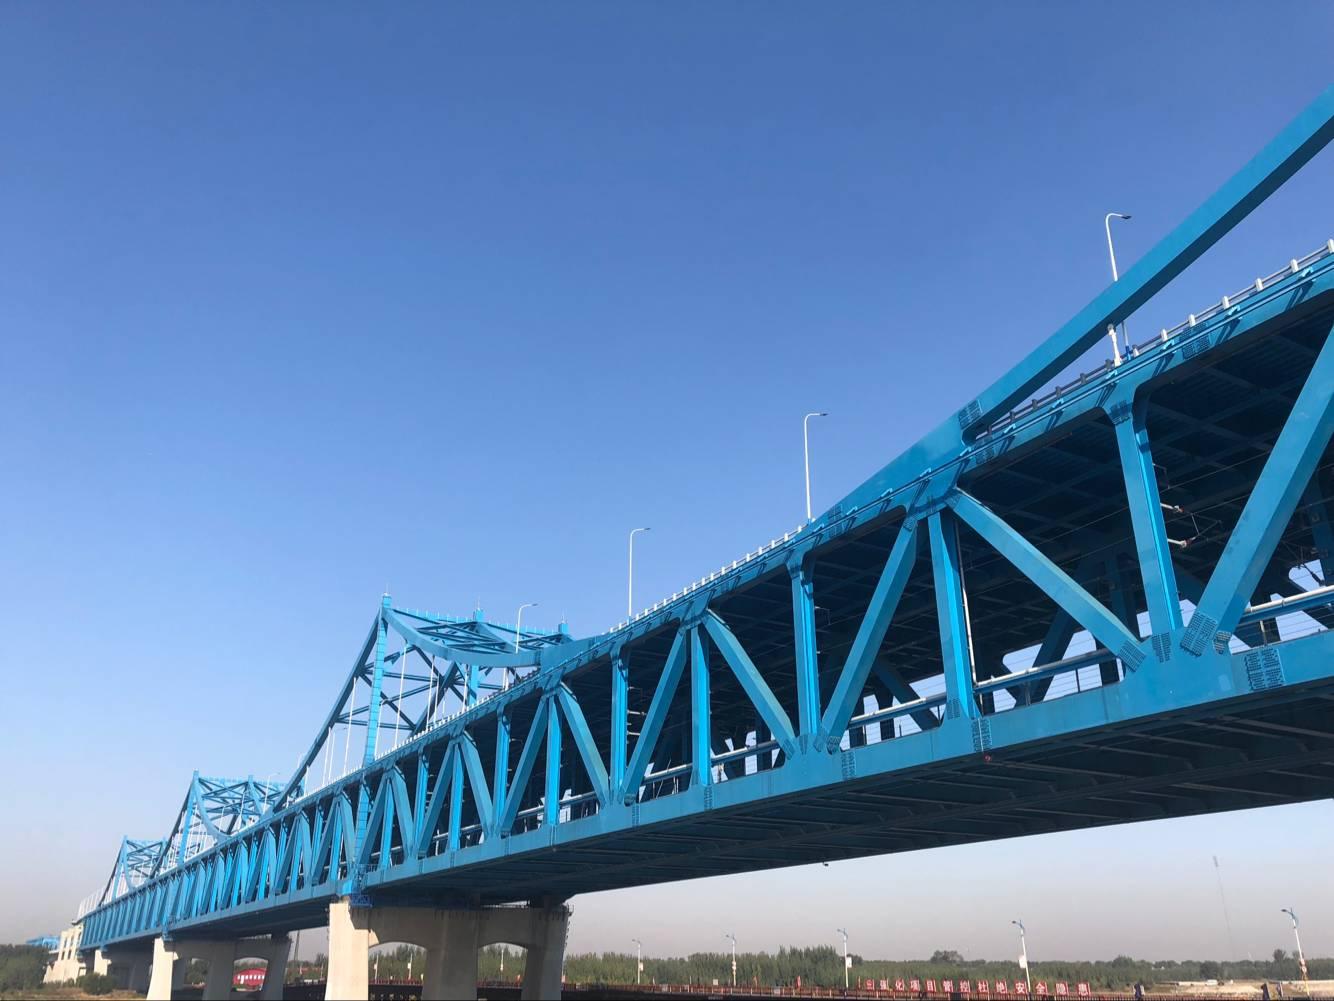 """跨越黄河牵手东站 作为本次联调联试的枢纽部位——石济高铁跨黄河特大桥,该桥由中铁四局承建,全长14.032km,向南接入济南新东站,其中主桥石济高铁黄河公铁两用桥横跨黄河两岸,是我国首例大跨度刚性悬索加劲连续钢桁梁公铁两用桥,素有""""桥梁工法博物馆""""之称。该桥作为石济铁路客运专线工程、邯济铁路至胶济铁路联络线工程和济南市""""北跨""""城市空间发展跨越黄河通道的公铁合建桥梁,三项工程融为一体,主桥全长1."""